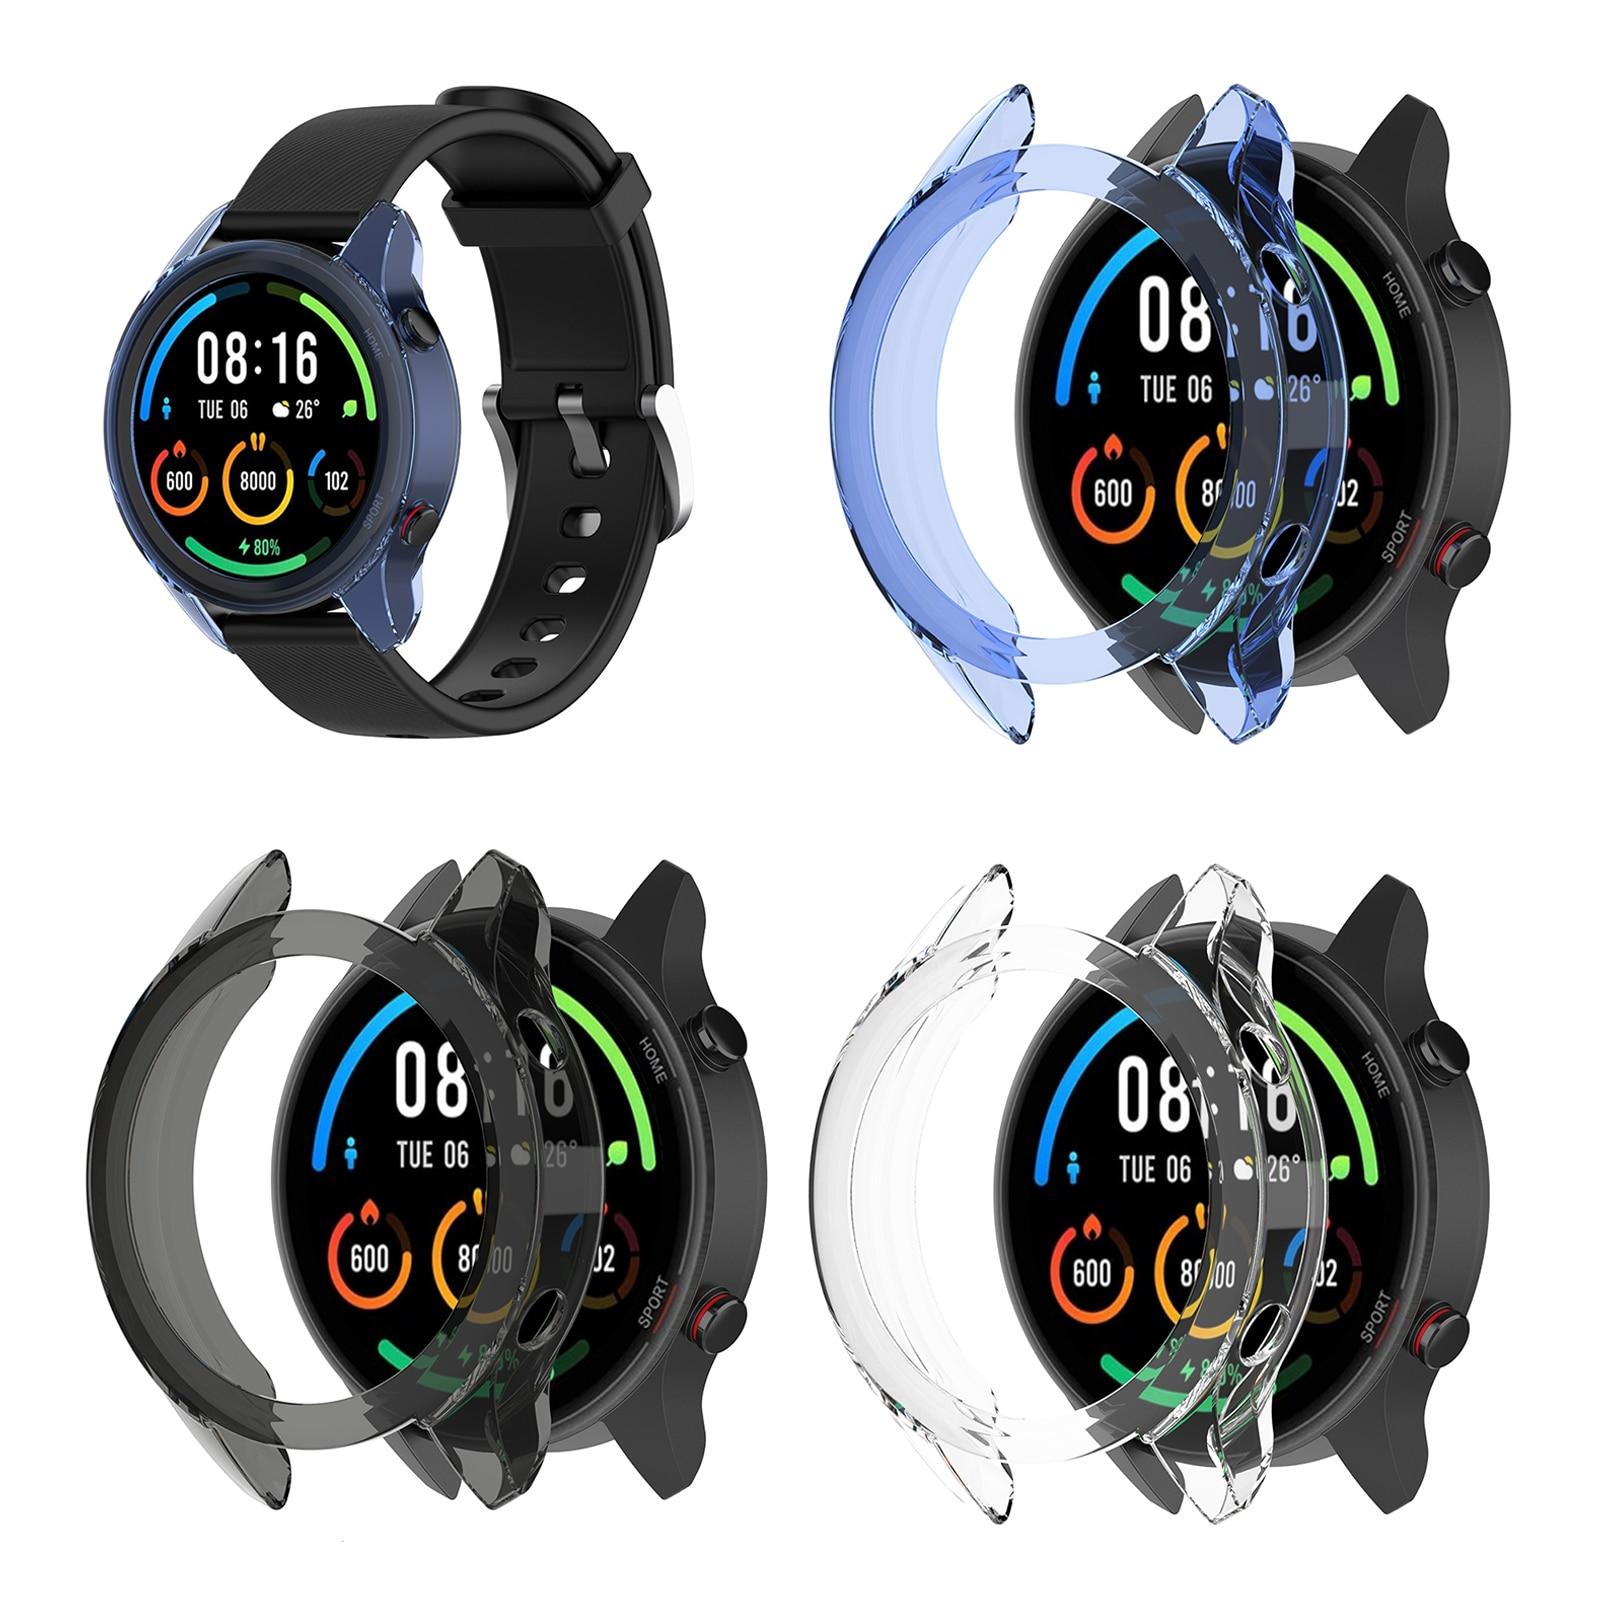 Защитный чехол для цветных часов Xiaomi, высококачественный чехол из ТПУ, тонкий бампер для умных часов Xiaomi Mi, цветные часы|Смарт-аксессуары|   | АлиЭкспресс